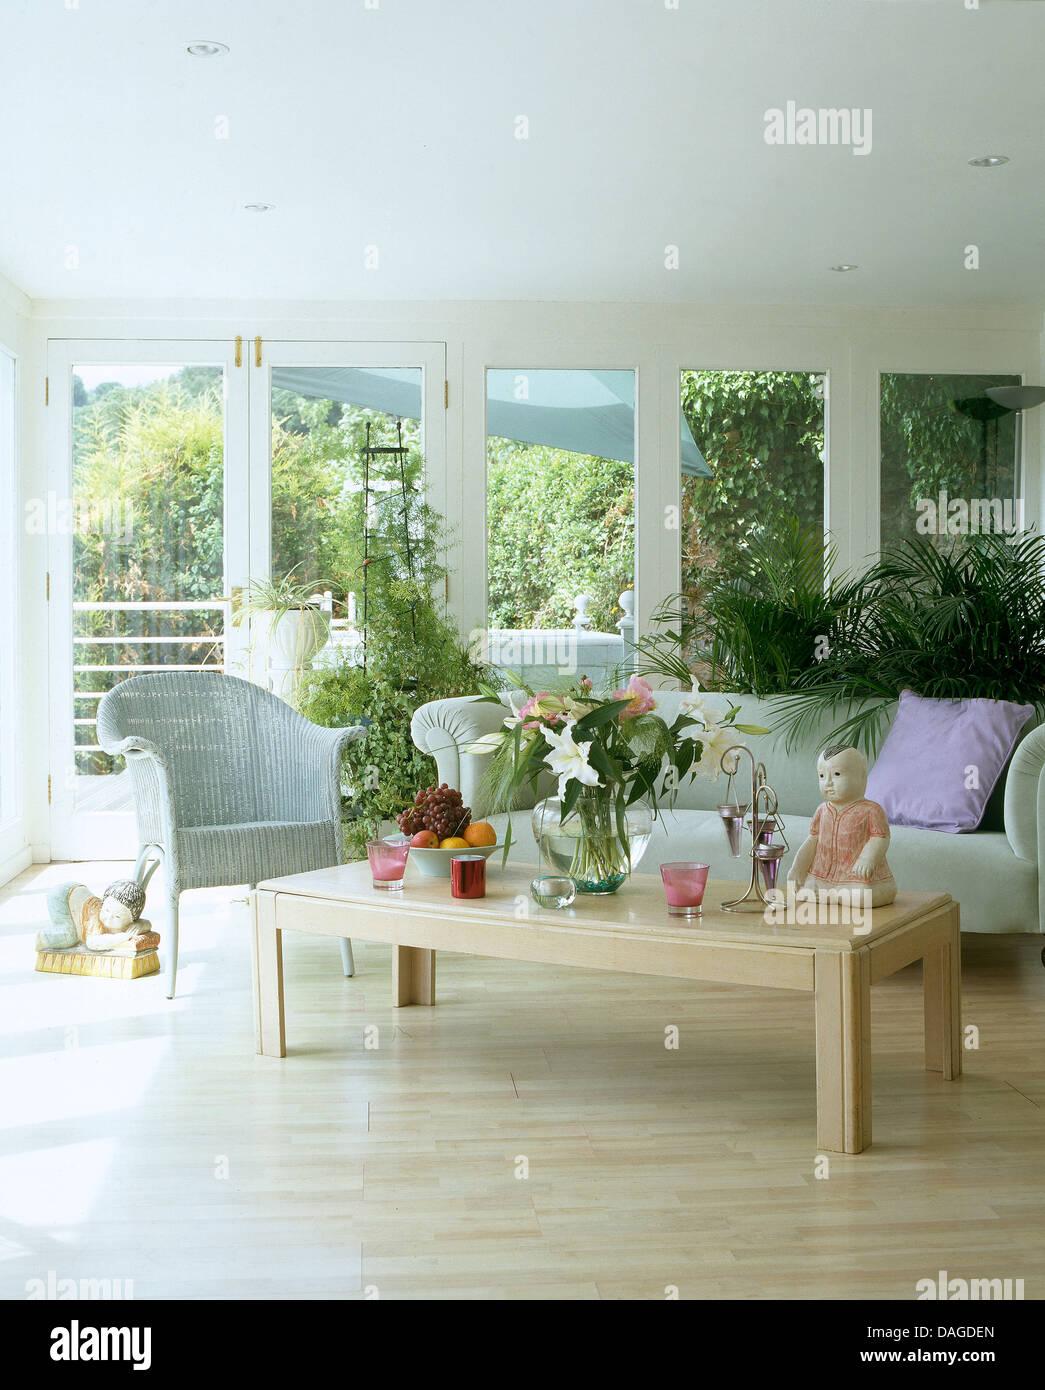 Holzboden Und Blass Blauen Sofa Lloyd Loom Stuhl In Verlngerung Der Hellen Luftigen Wohnzimmer Mit Grossen Fenstern